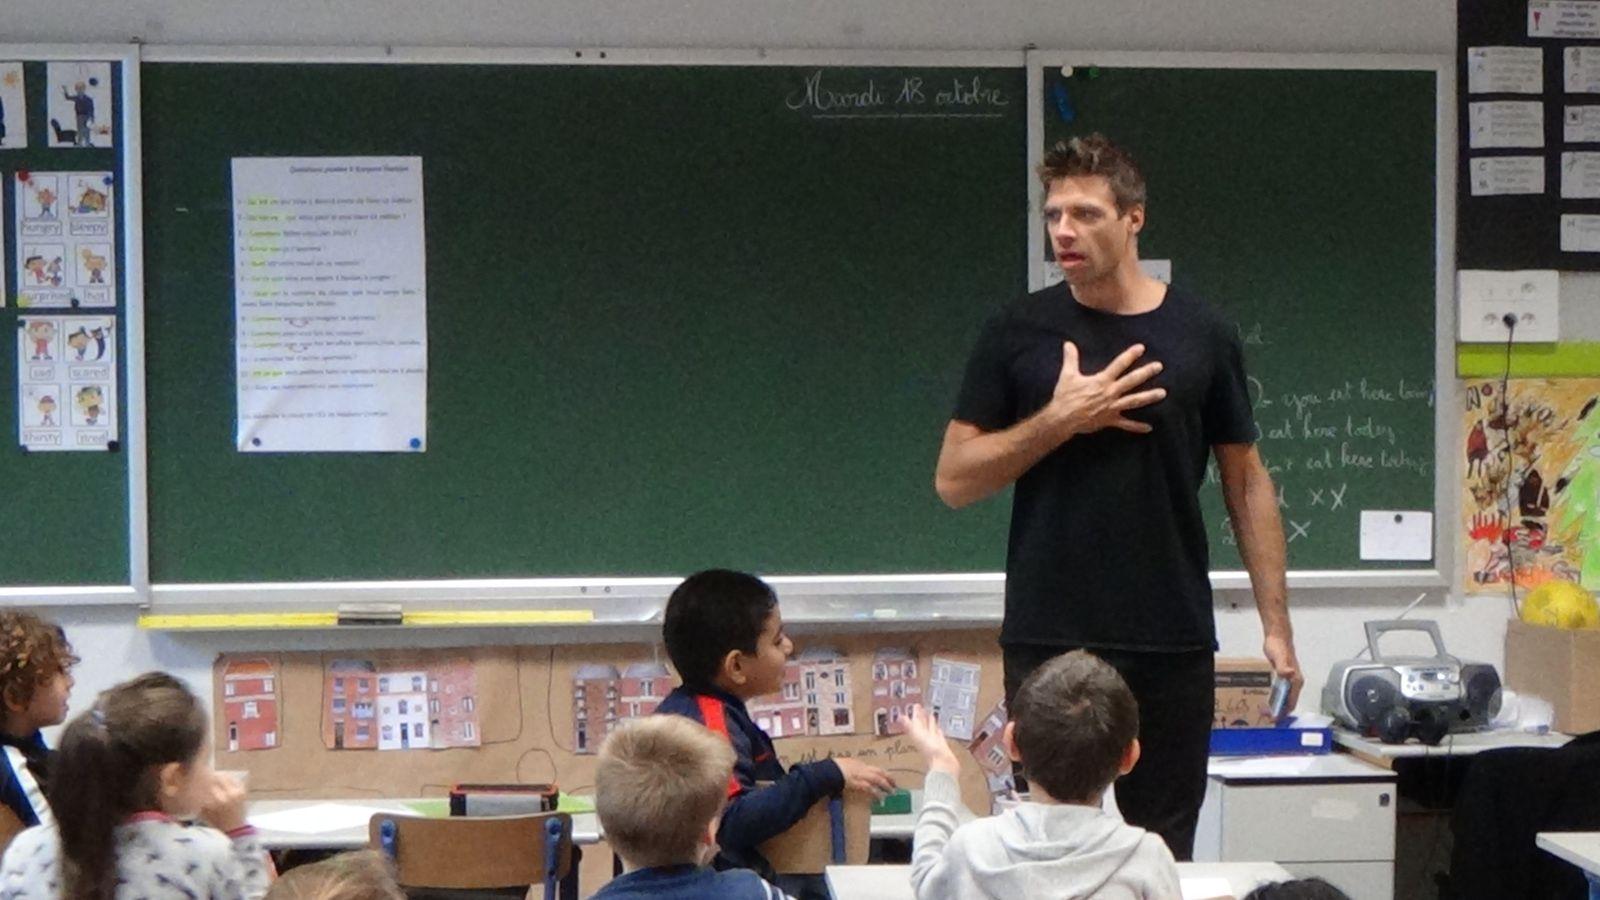 Le Beatboxer Gaspard Herblot répond aux questions des élèves de CE2 de l'école Samain Trulin - Une maîtresse fière de ses élèves.